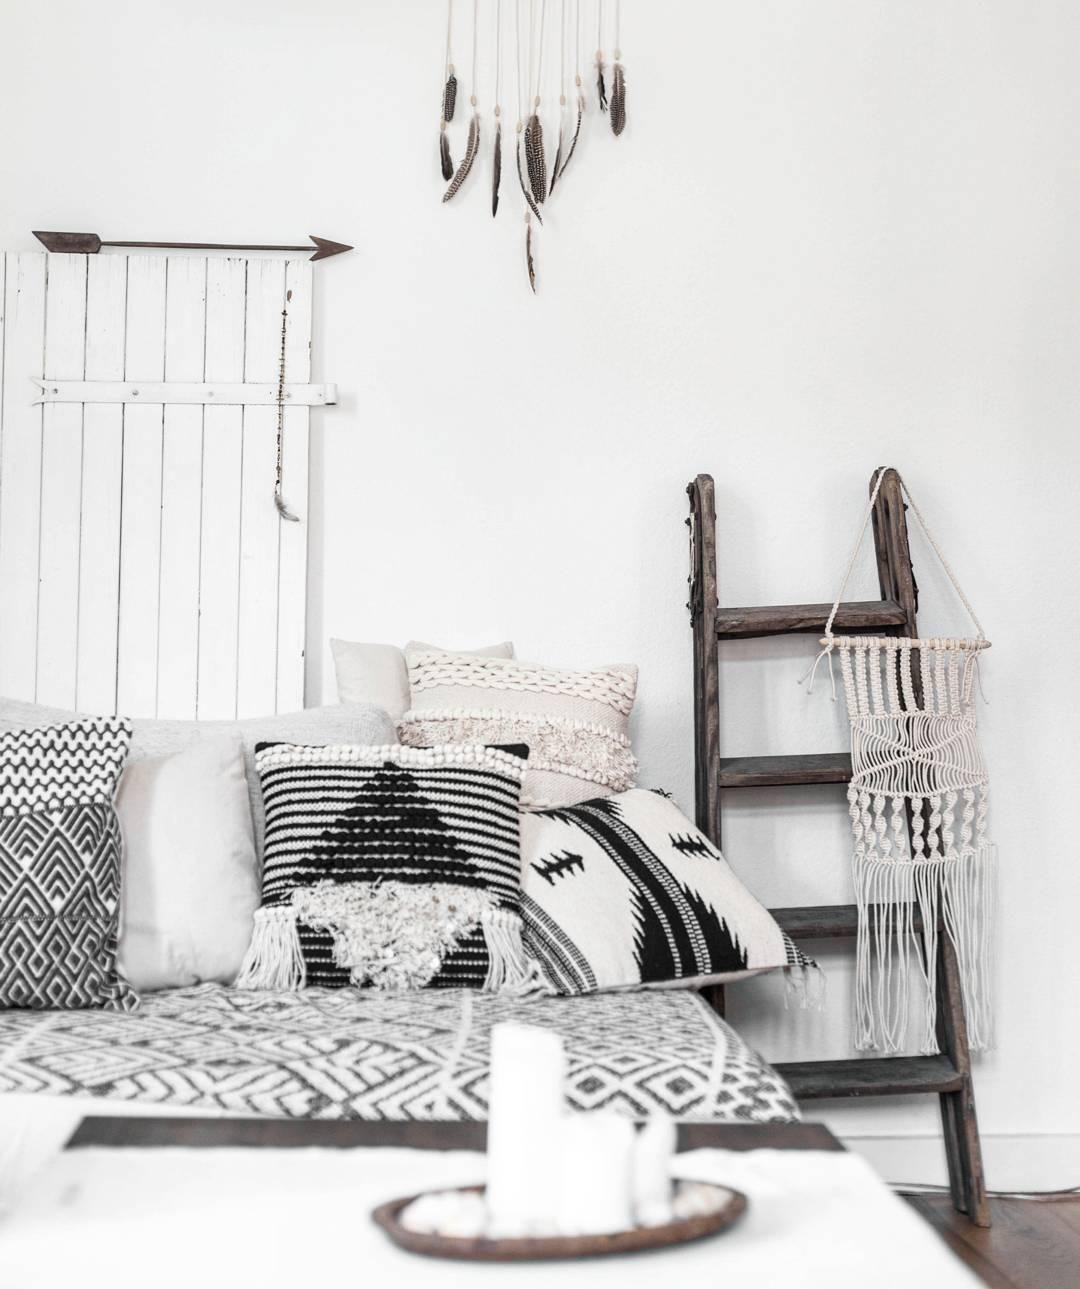 einfach perfekt fr den soft ethno oder boho style wohnzimmer sofa leiter makramee kerzen weiss dekorieren - Einfache Dekoration Und Mobel Polstermoebel Fuer Das Wohnzimmer